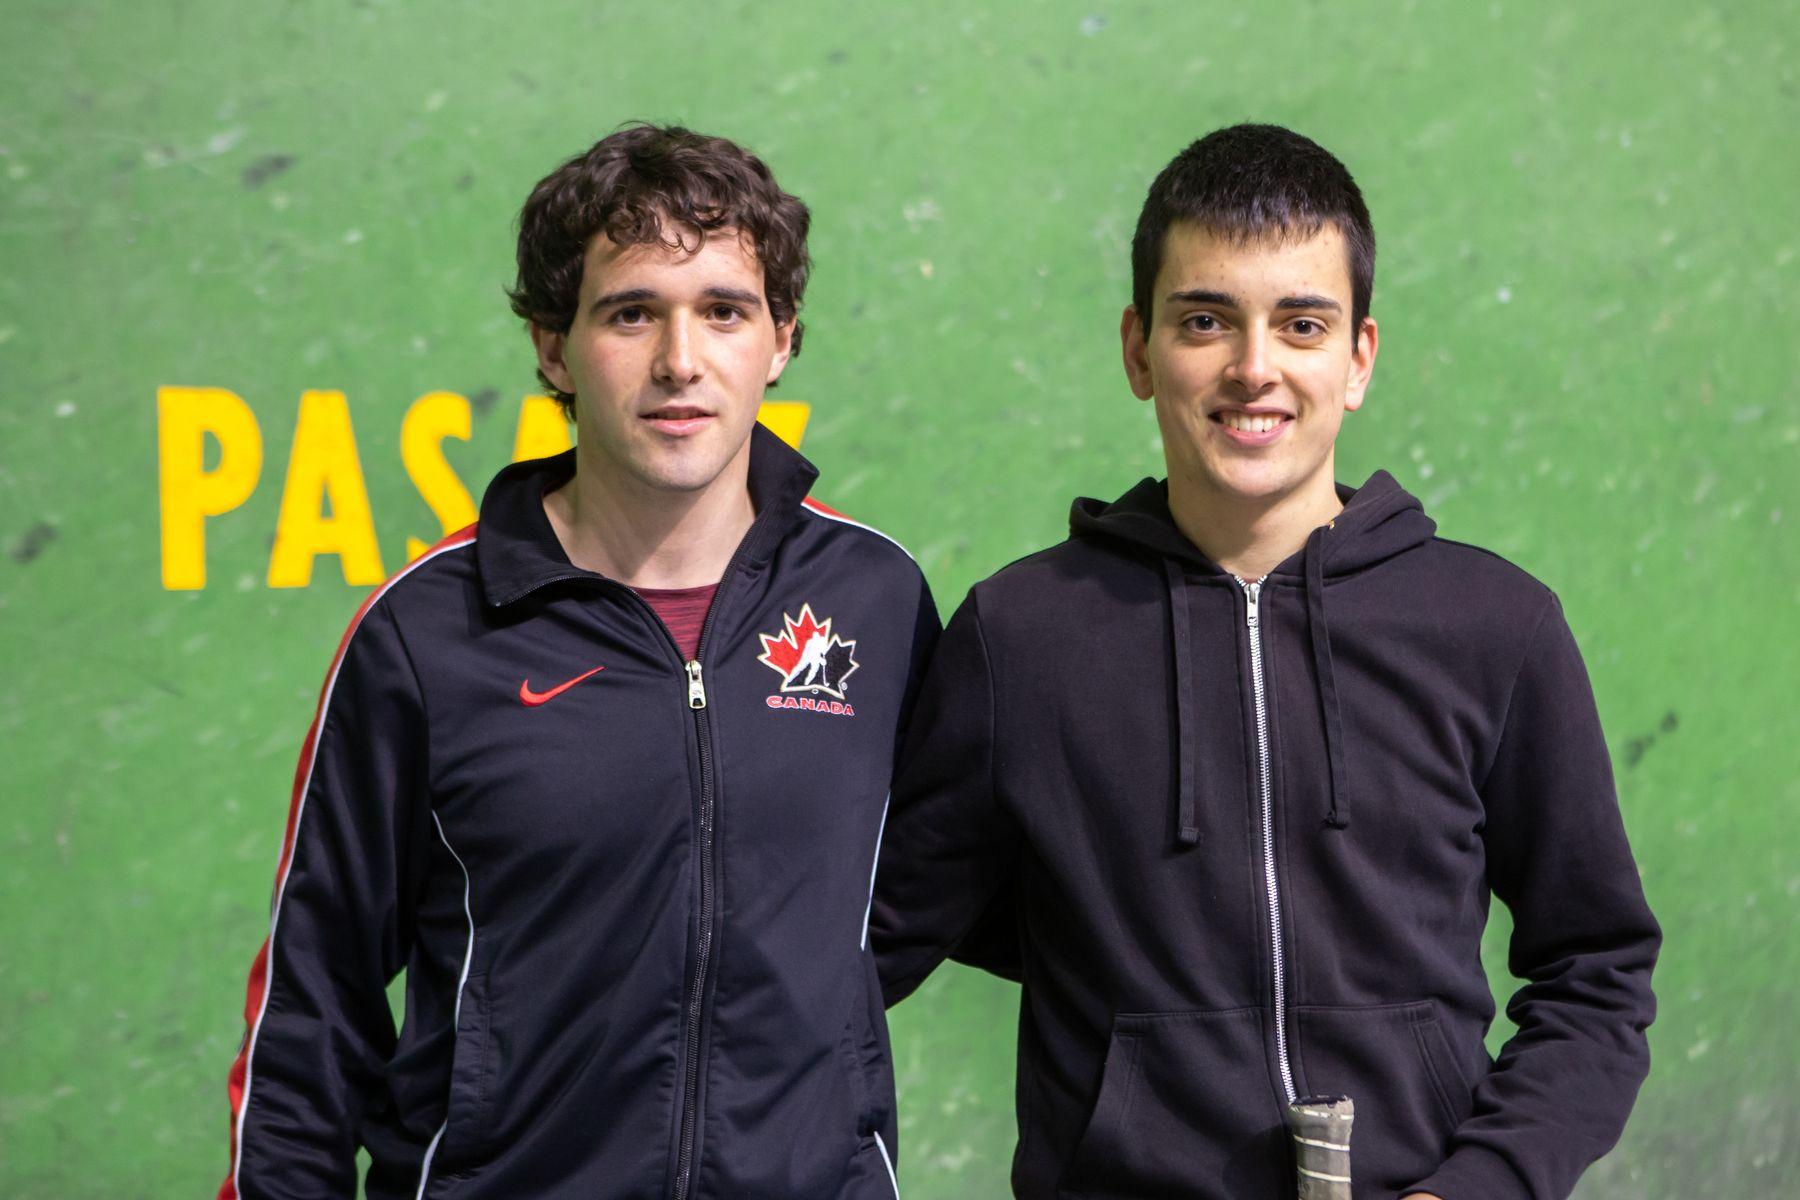 Frontenis. Campeones: Álvaro Blasco Álvarez de Eulate (izq.) y Rubén Antonio Alcoz Echeverría (estudiantes ambos de Ingeniería Mecánica).